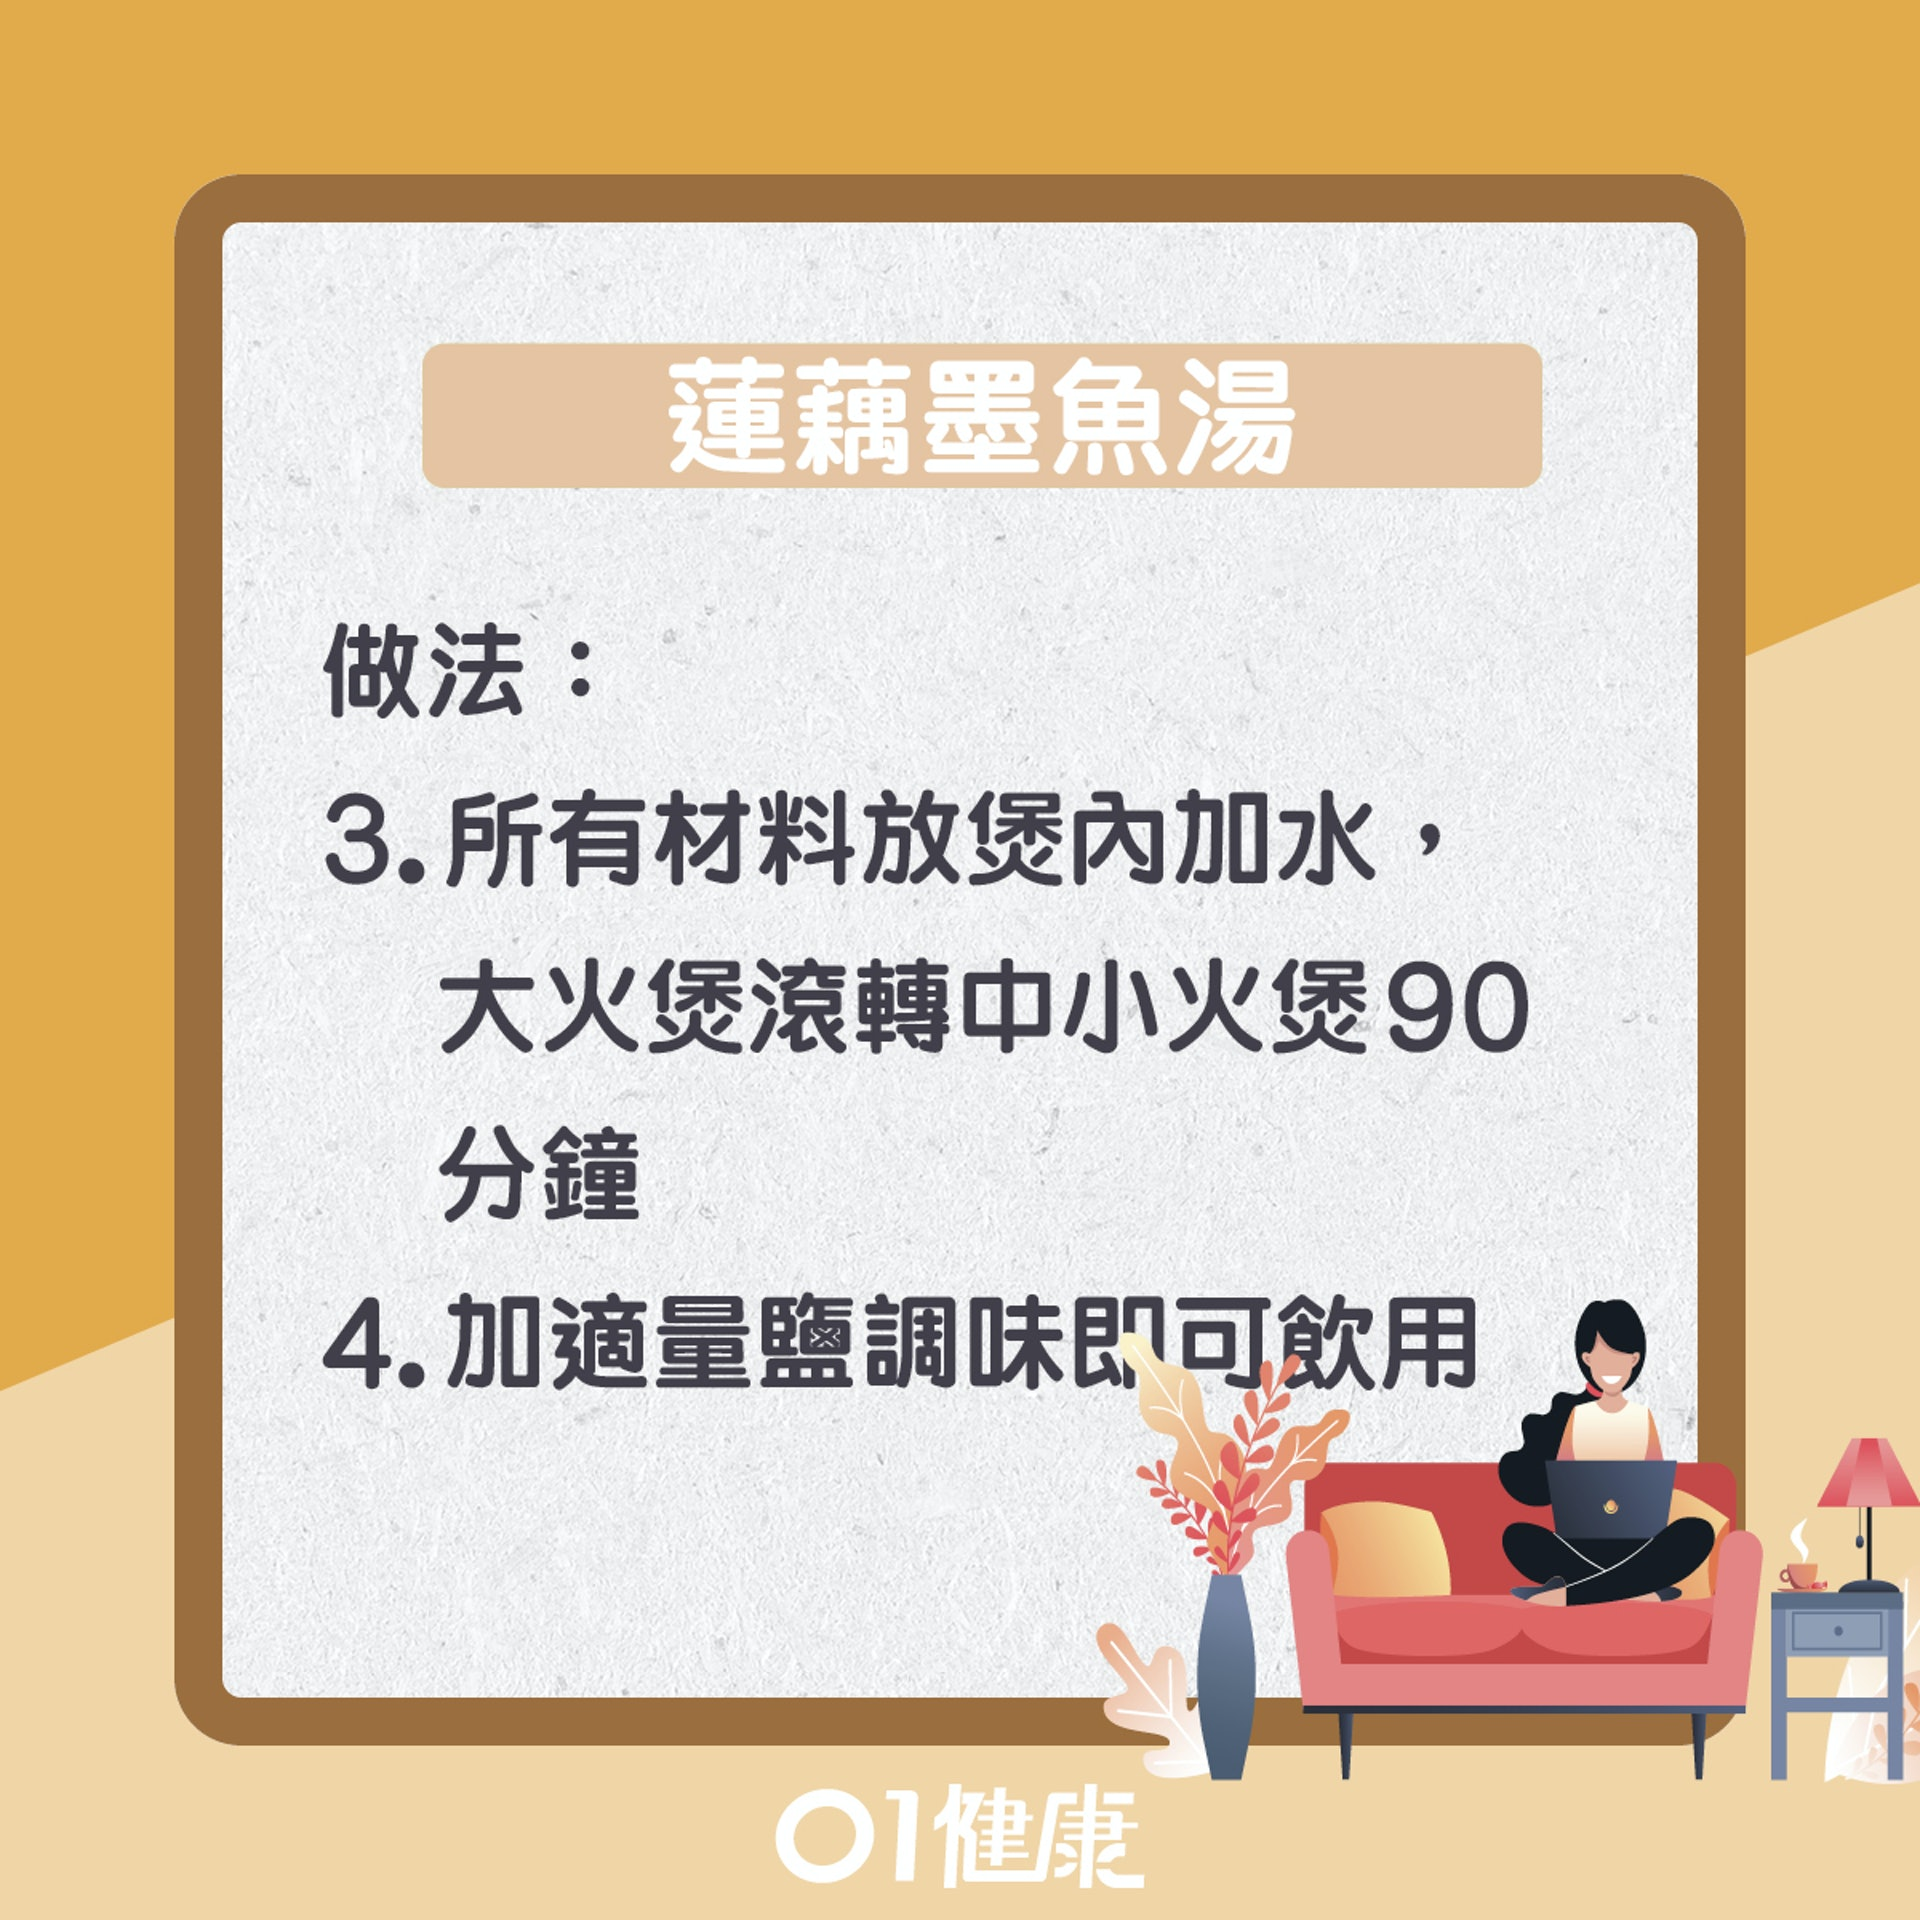 蓮藕墨魚湯(01製圖)